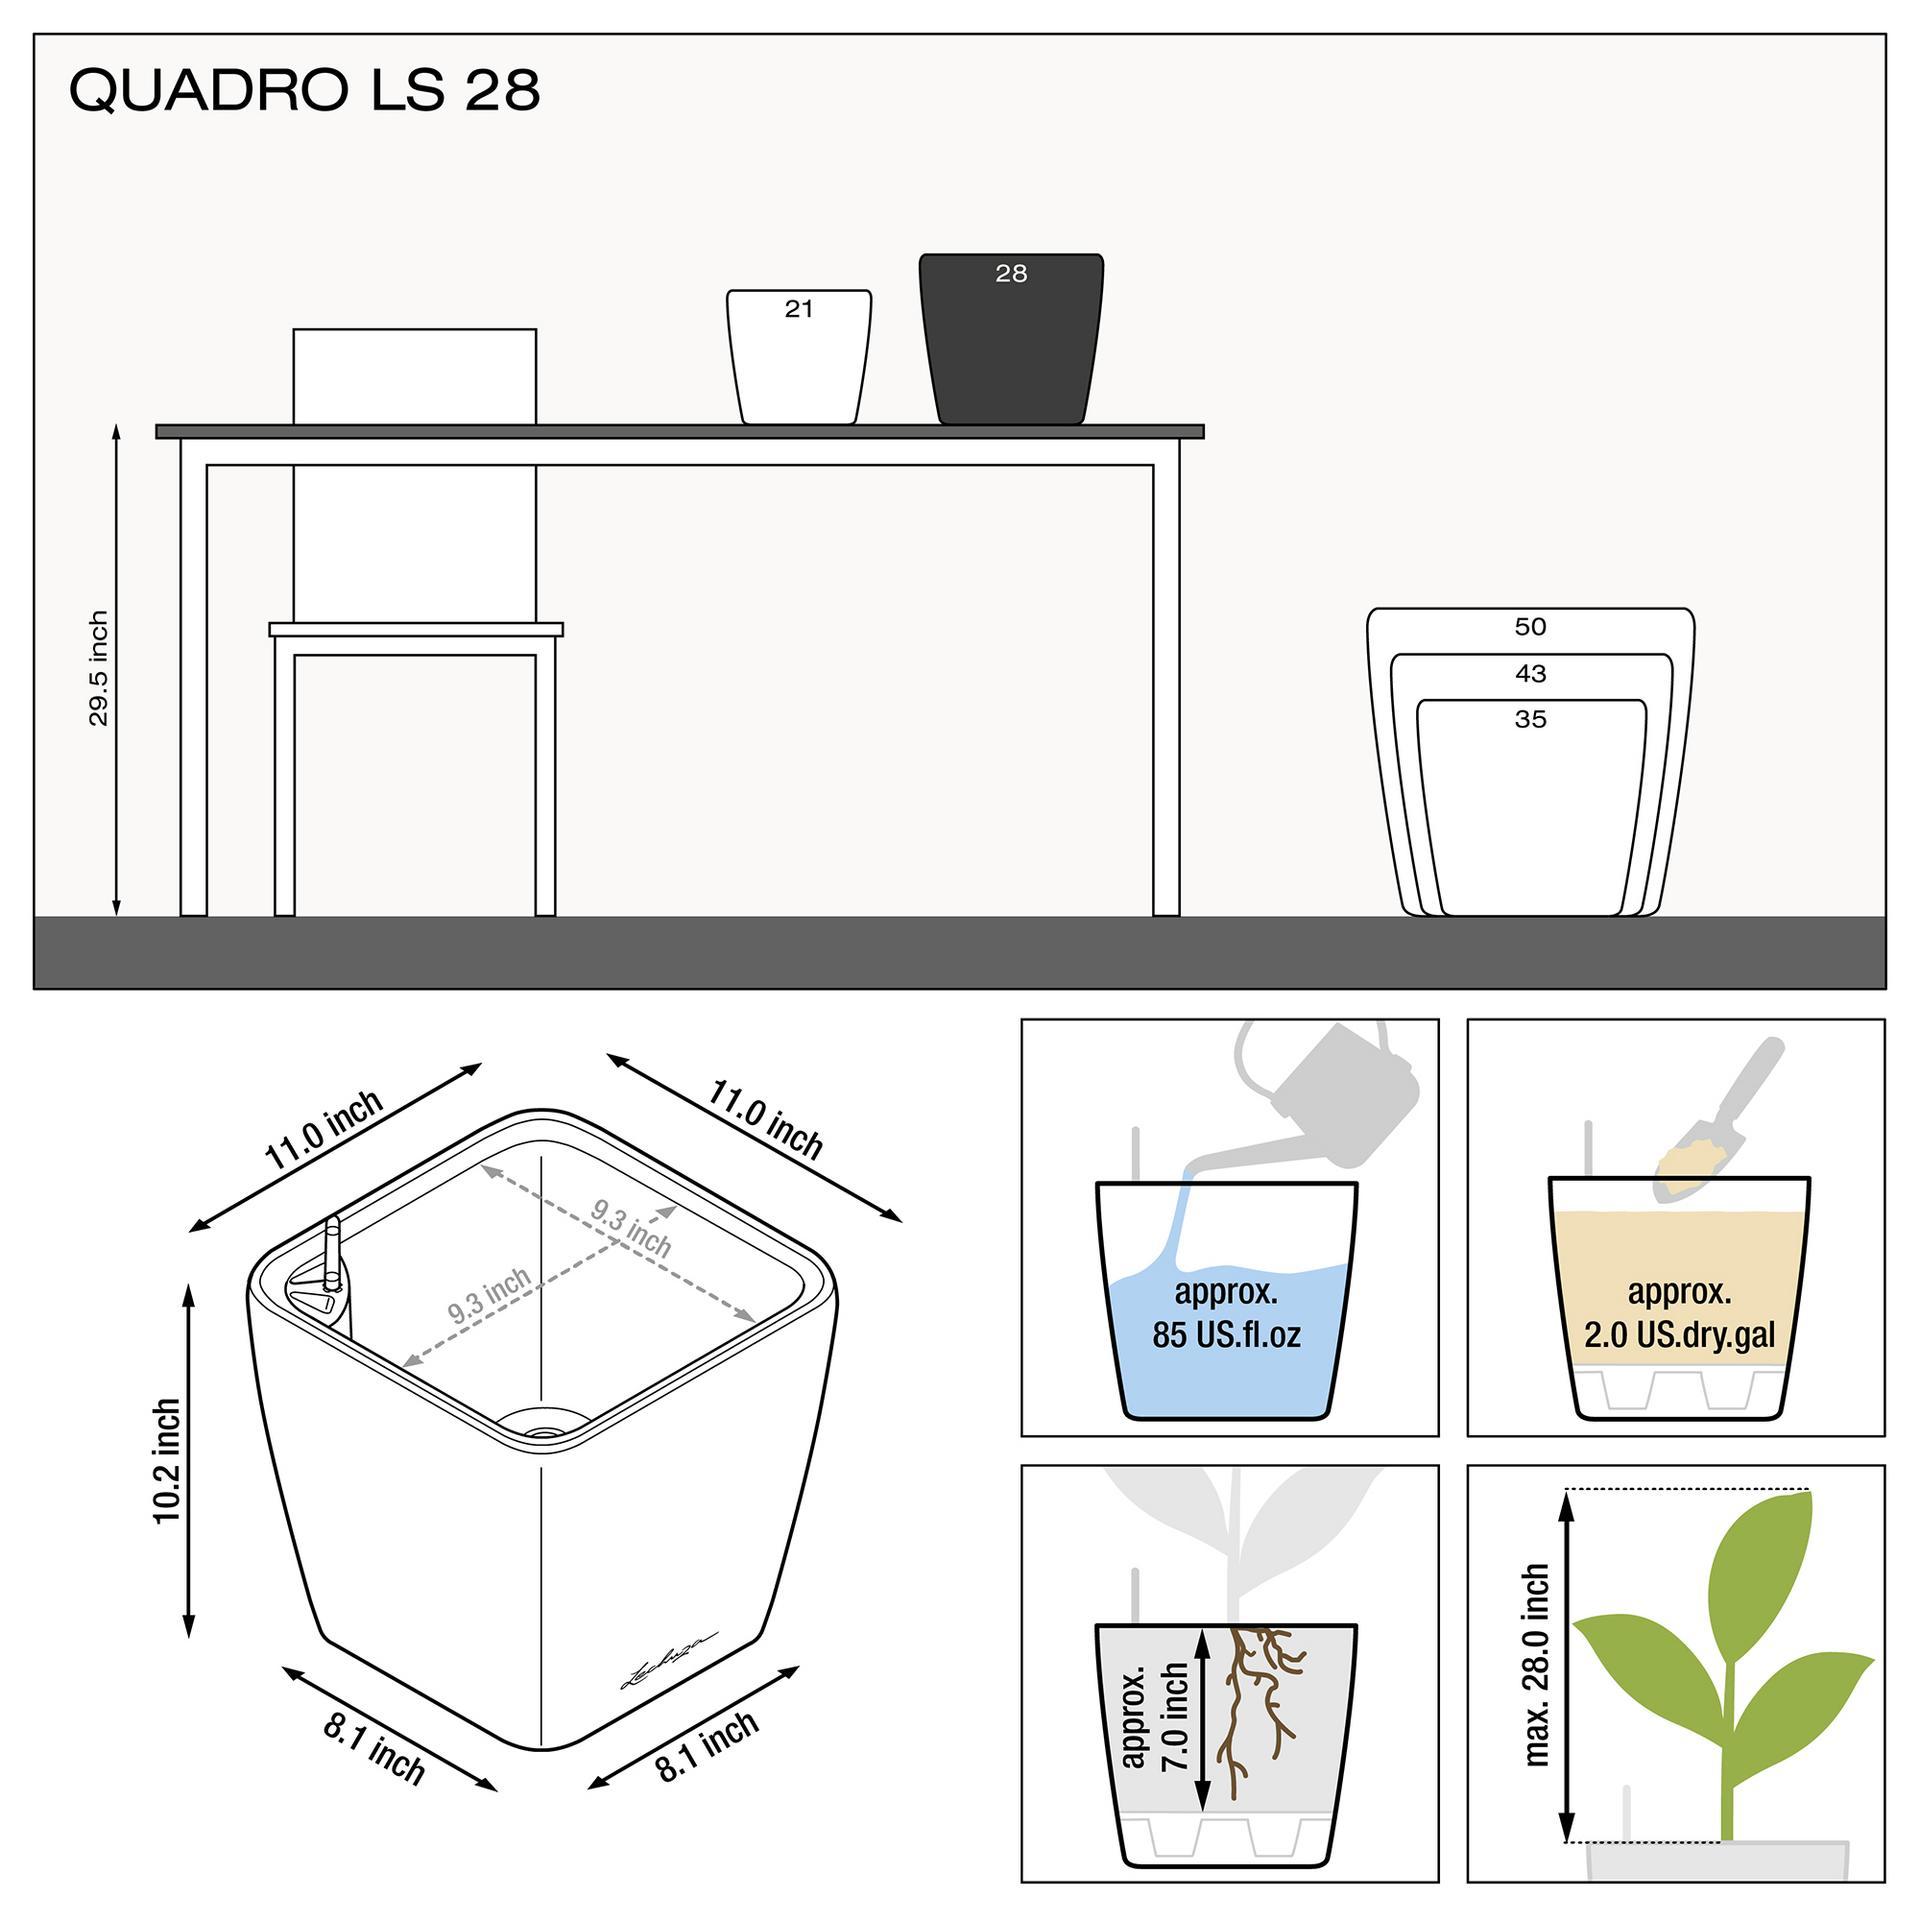 le_quadro-ls28_product_addi_nz_us